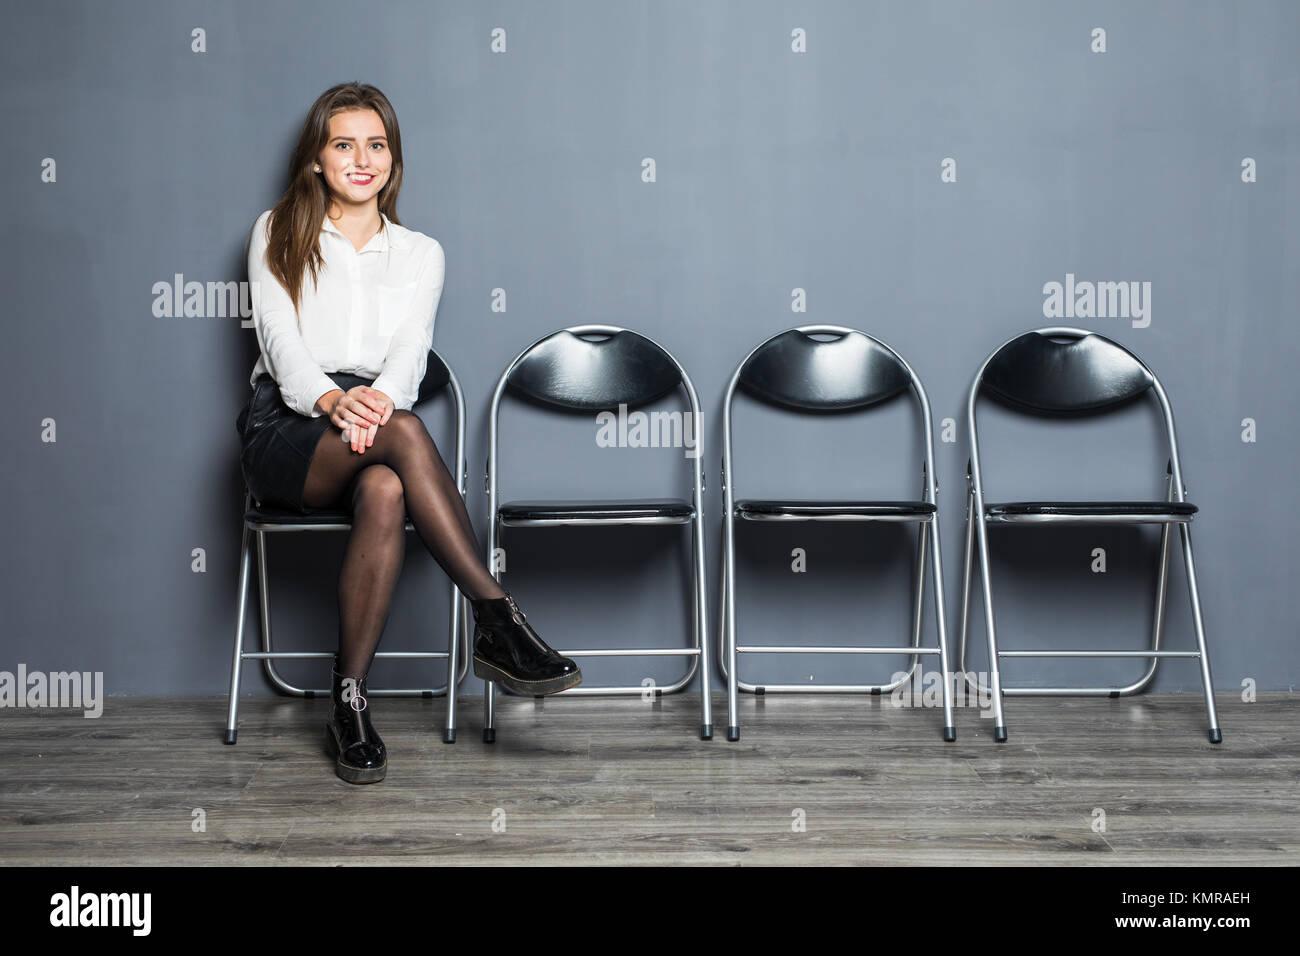 Jeune femme en attente d'entrevue d'emploi dans la salle de réception Photo Stock